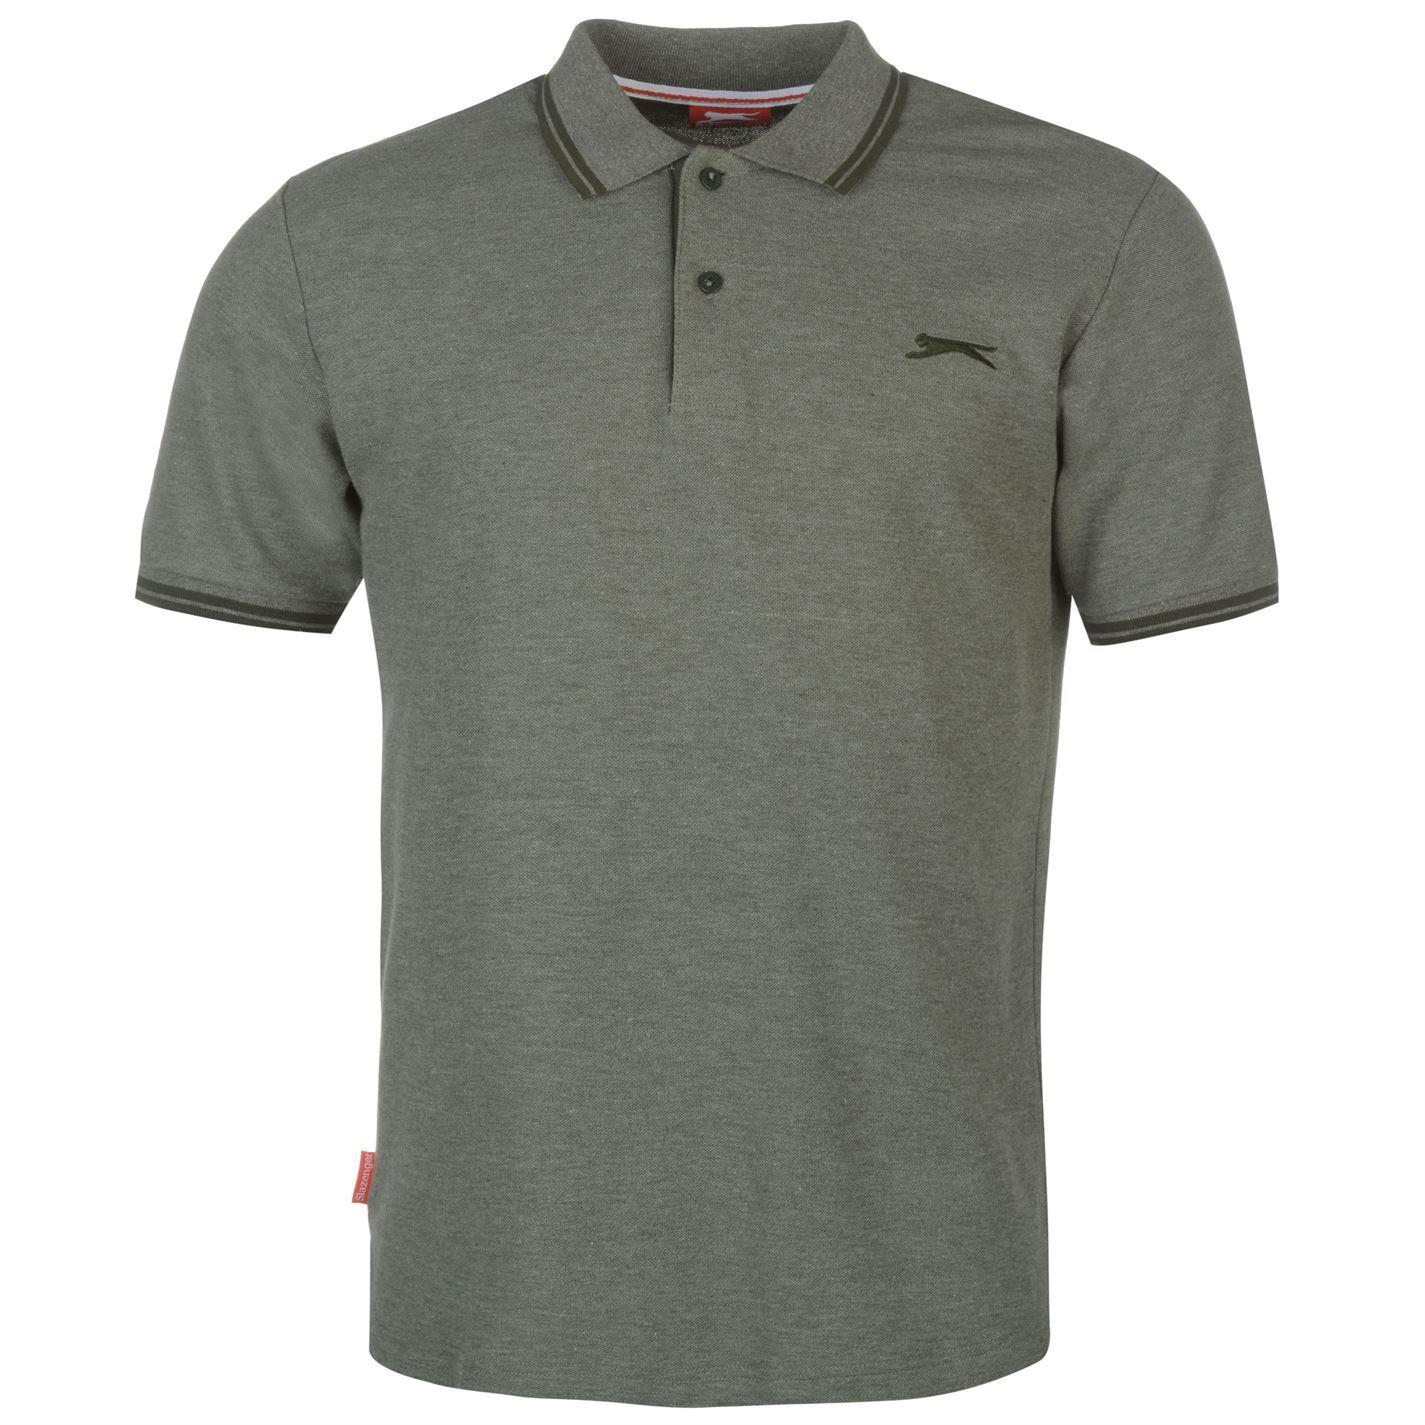 Slazenger-Polo-Camisa-de-hombre-con-cuello-con-Punta-T-Shirt-Top-Camiseta-Tee miniatura 52